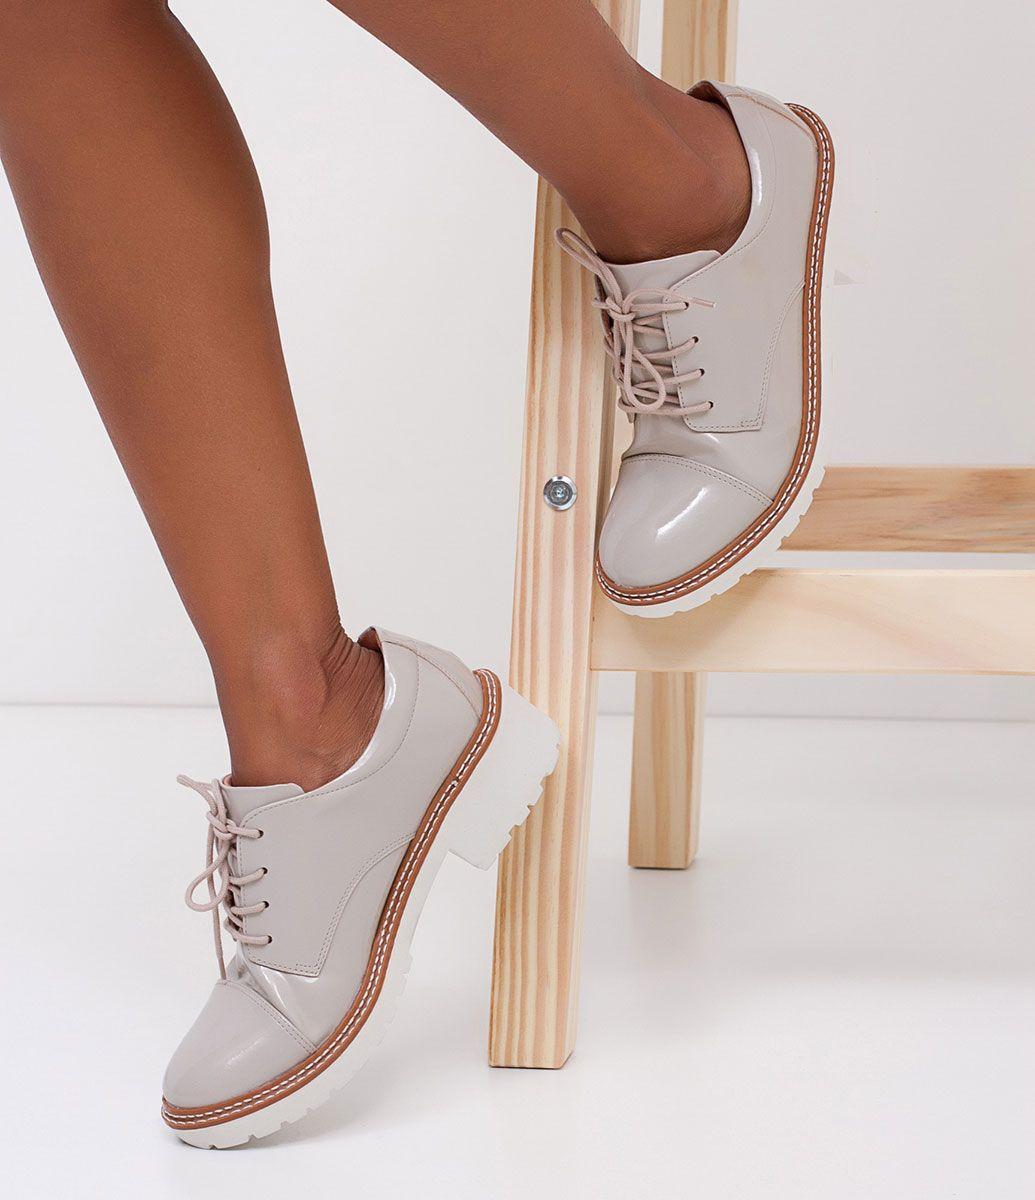 Sapato Feminino Modelo  Oxford Em verniz Sola tratorada de 4cm Sock Shoes 77f0cba1ad1e1